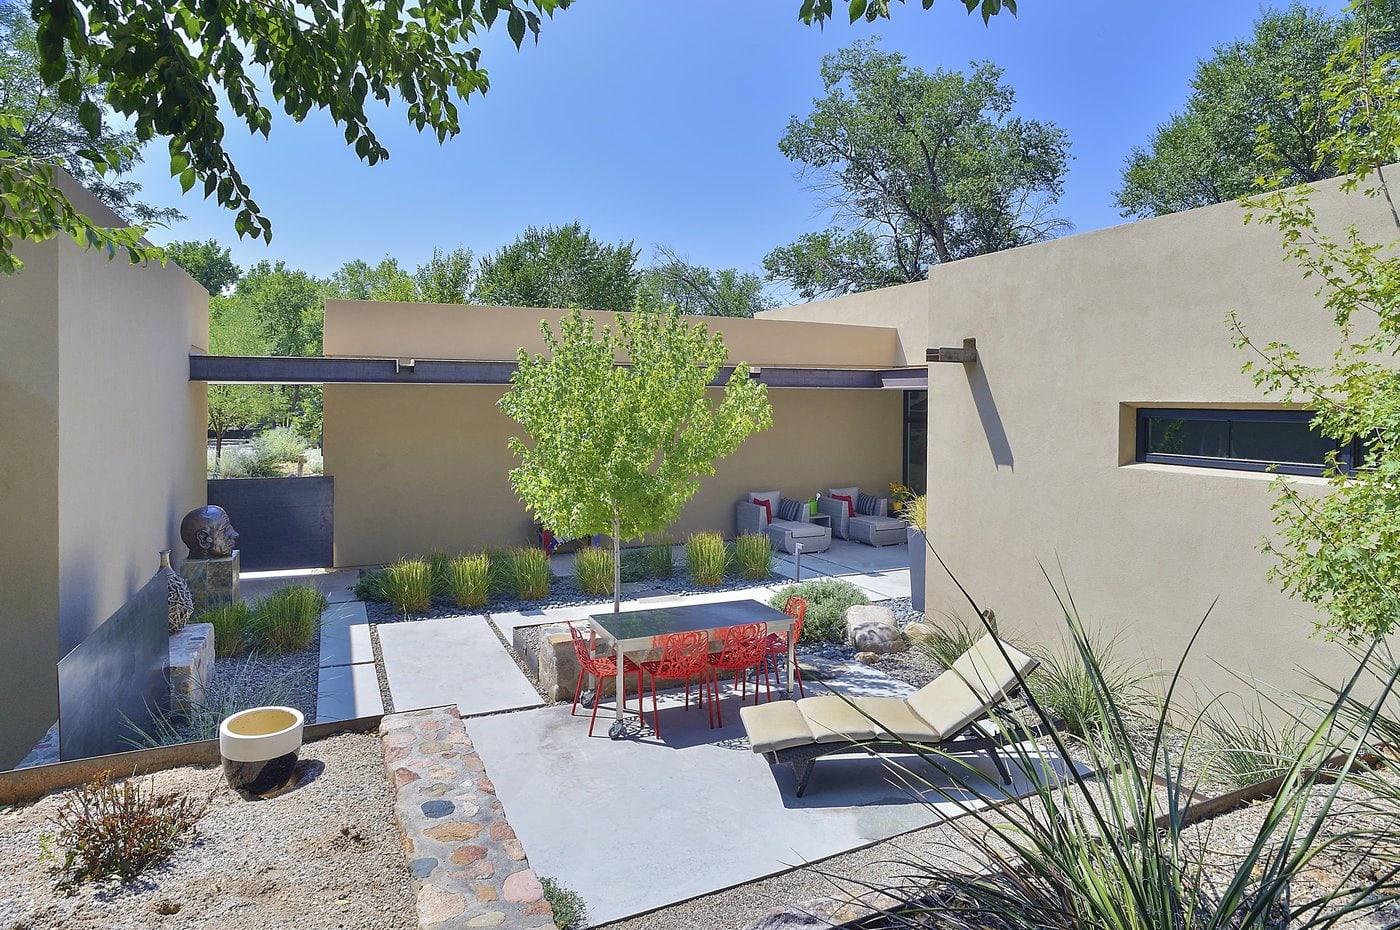 Contemporary Architecture in Santa Fe